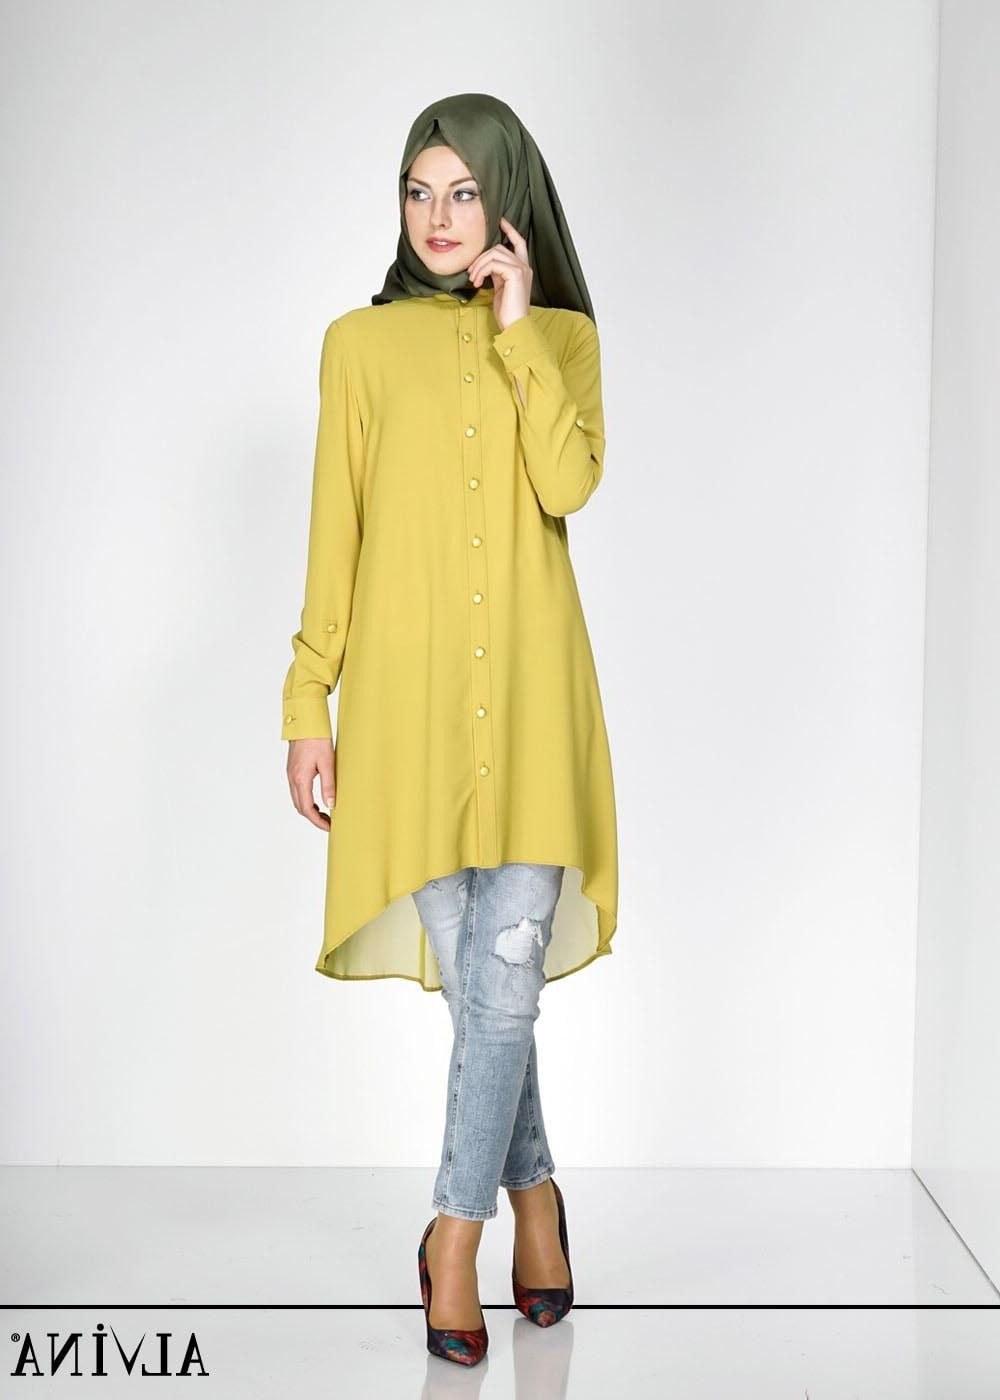 Ide Fashion Muslim Terbaru Rldj Percantik Tampilan Kuliah Dengan Model Baju atasan Muslim